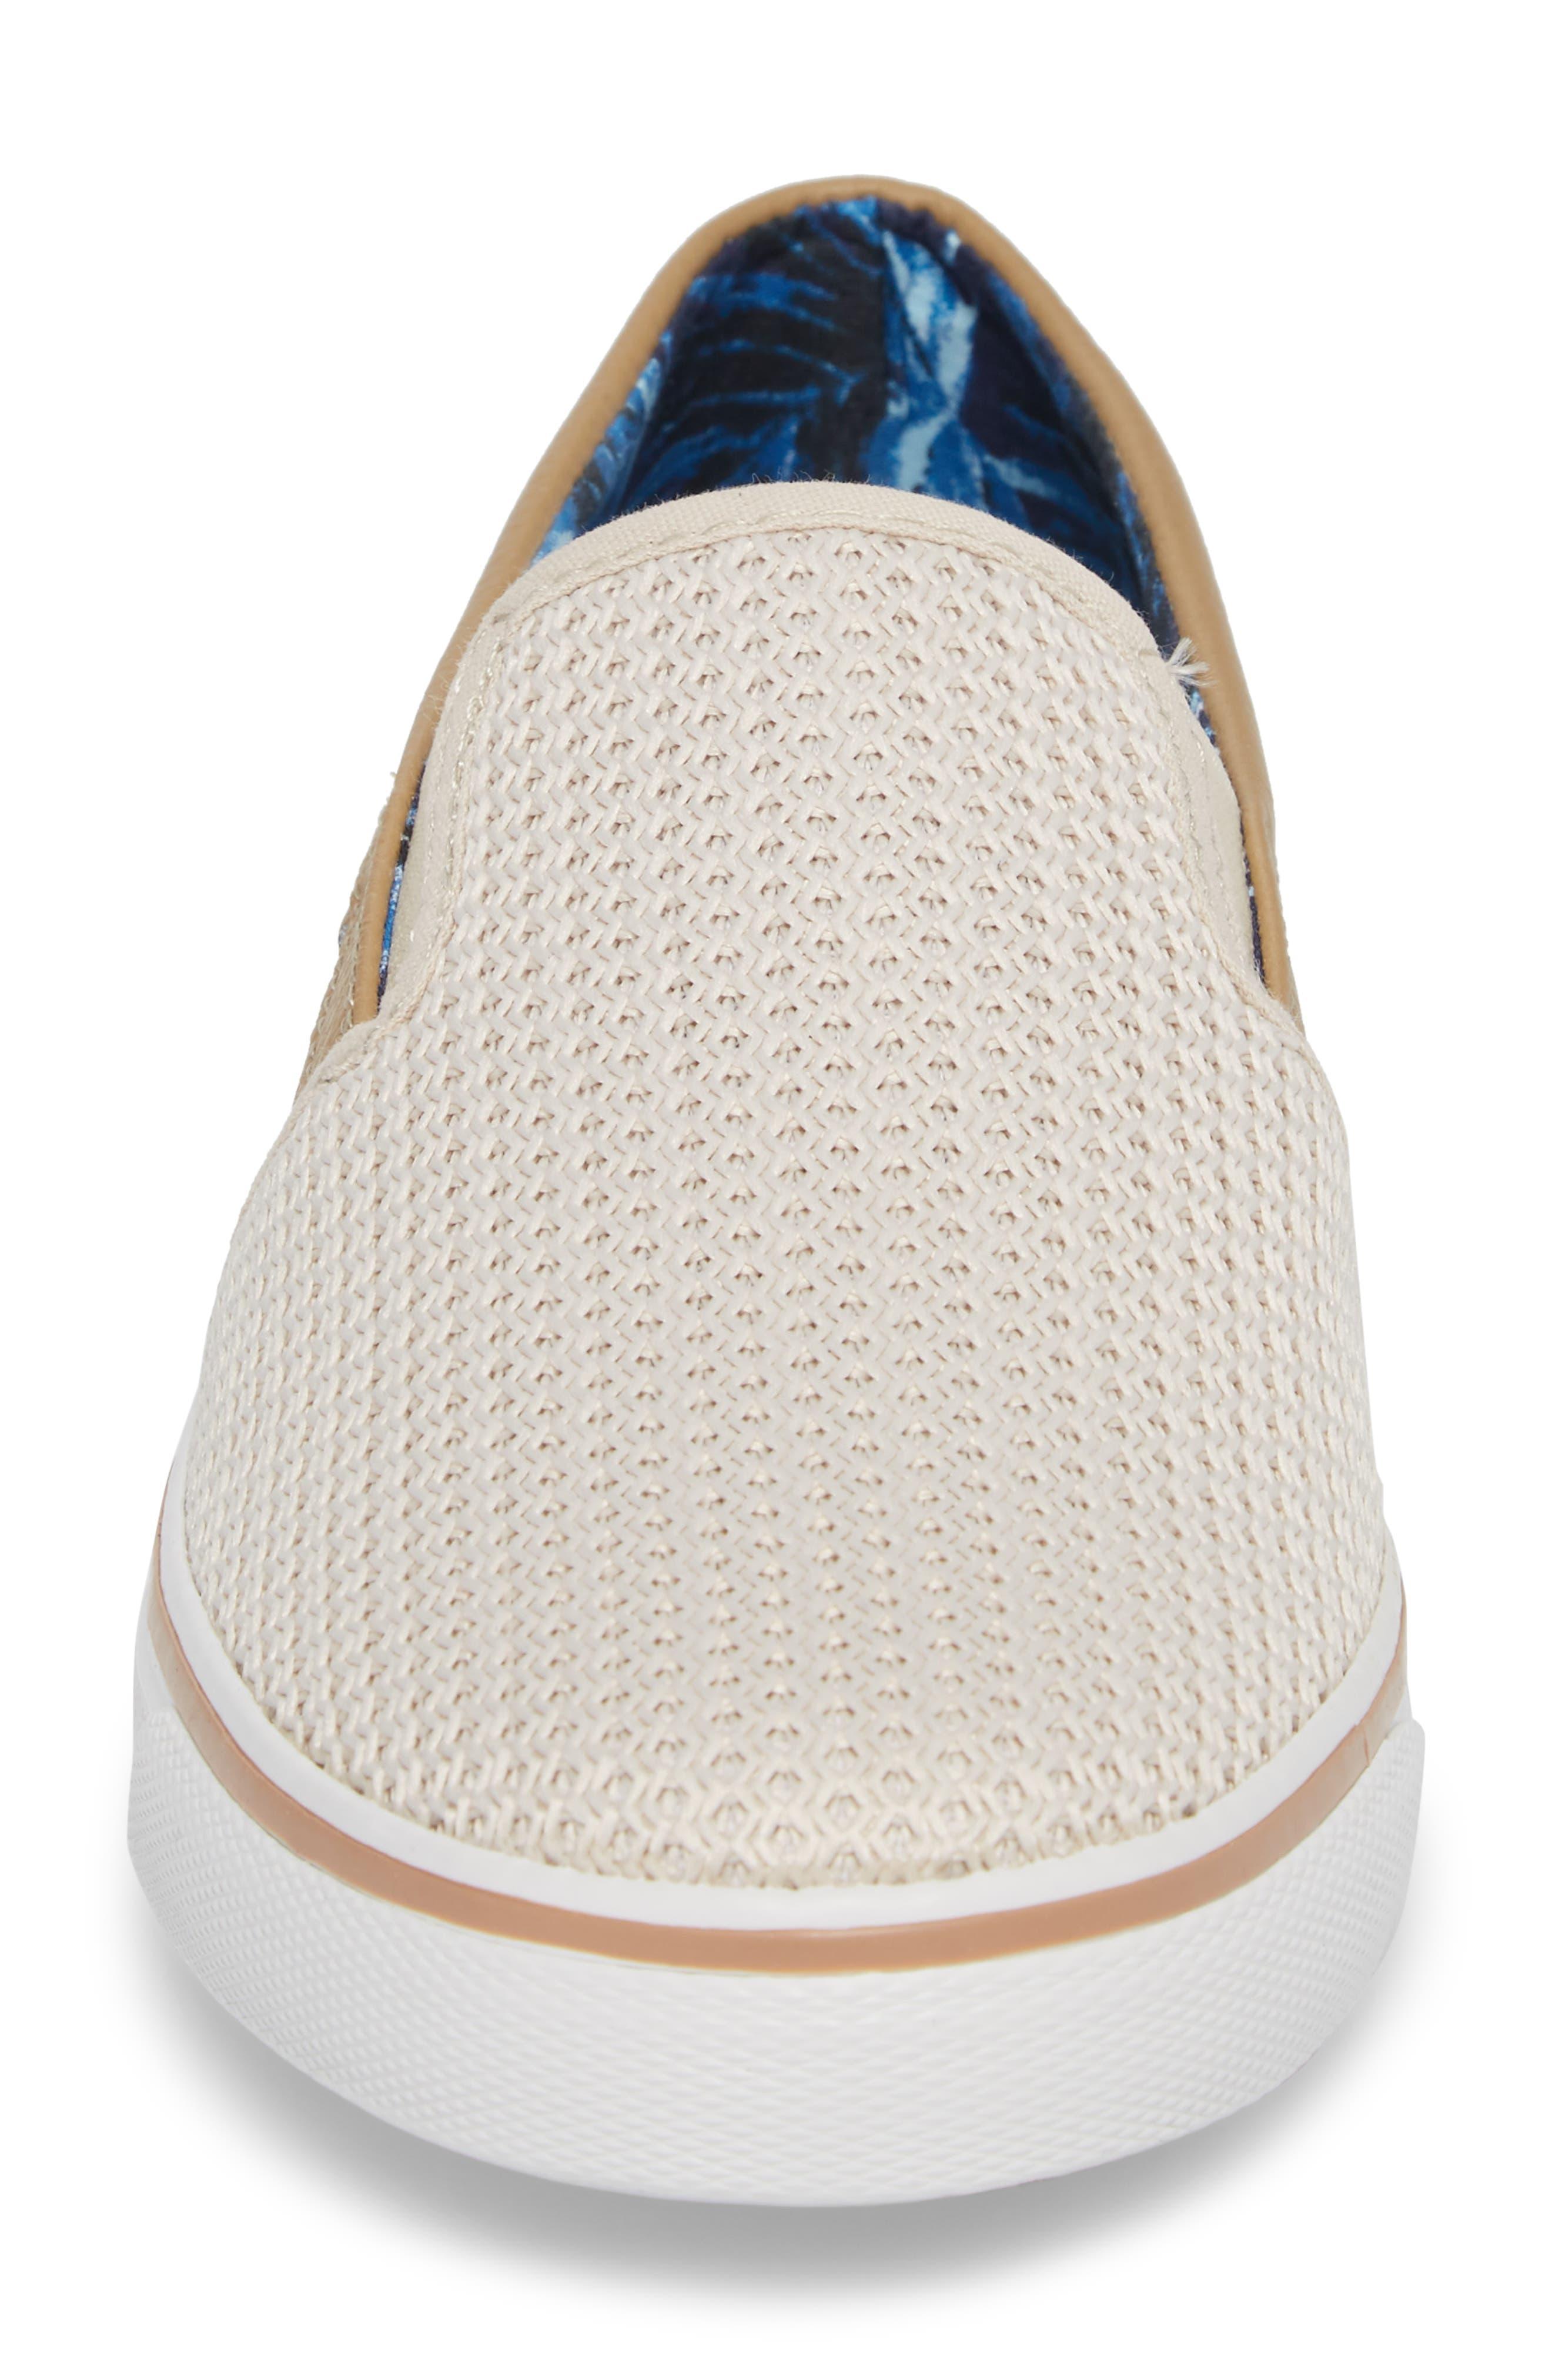 Exodus Mesh Slip-On Sneaker,                             Alternate thumbnail 4, color,                             Cream Mesh/ Textile